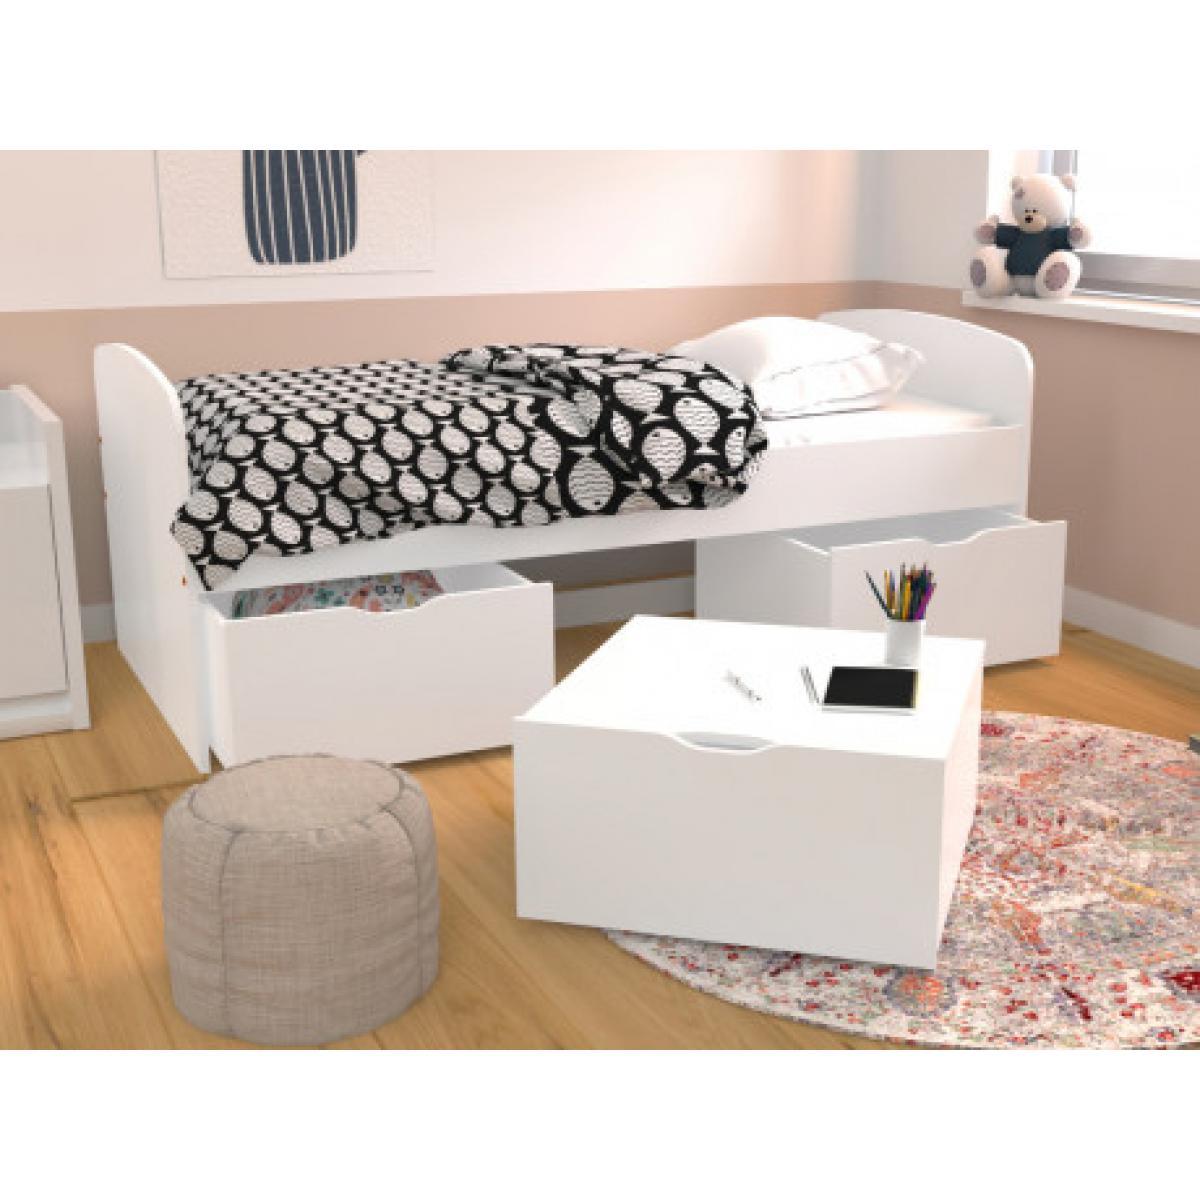 Vente-Unique Lit LOUANE avec 2 tiroirs et 1 coffre de rangement - 90x190cm - Blanc